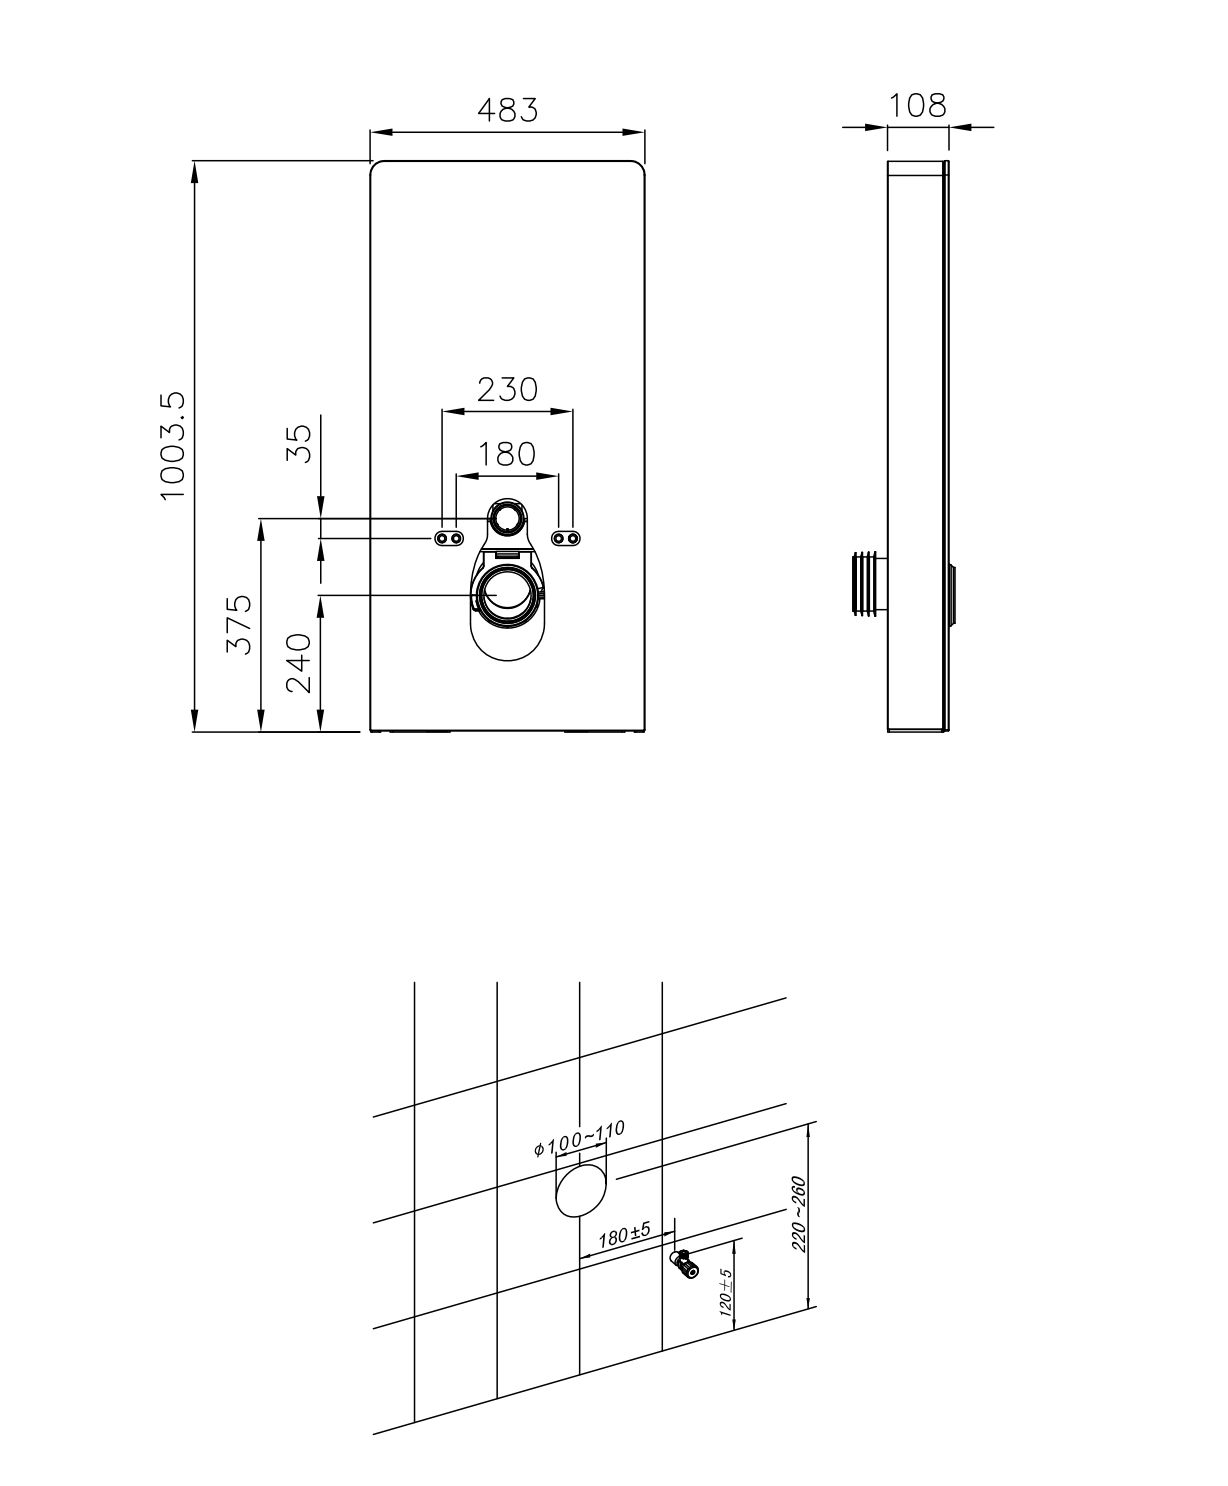 Weißglas Sensor - Sanitärmodul für Wand-WC